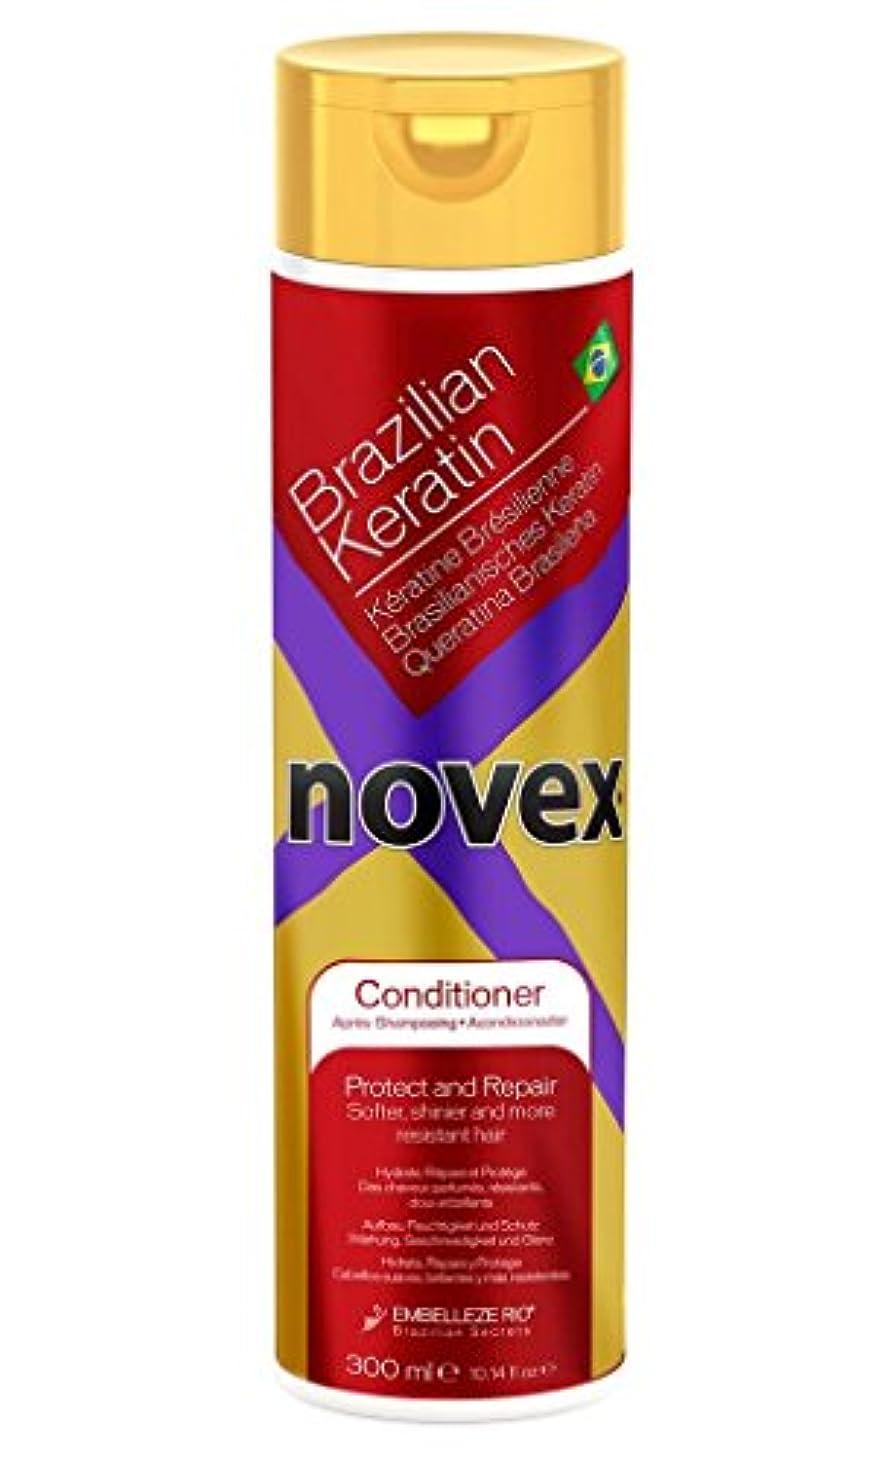 タオル姿を消すバランスNovex Hair Care ブラジルのケラチンコンディショナー、10.14オズ。